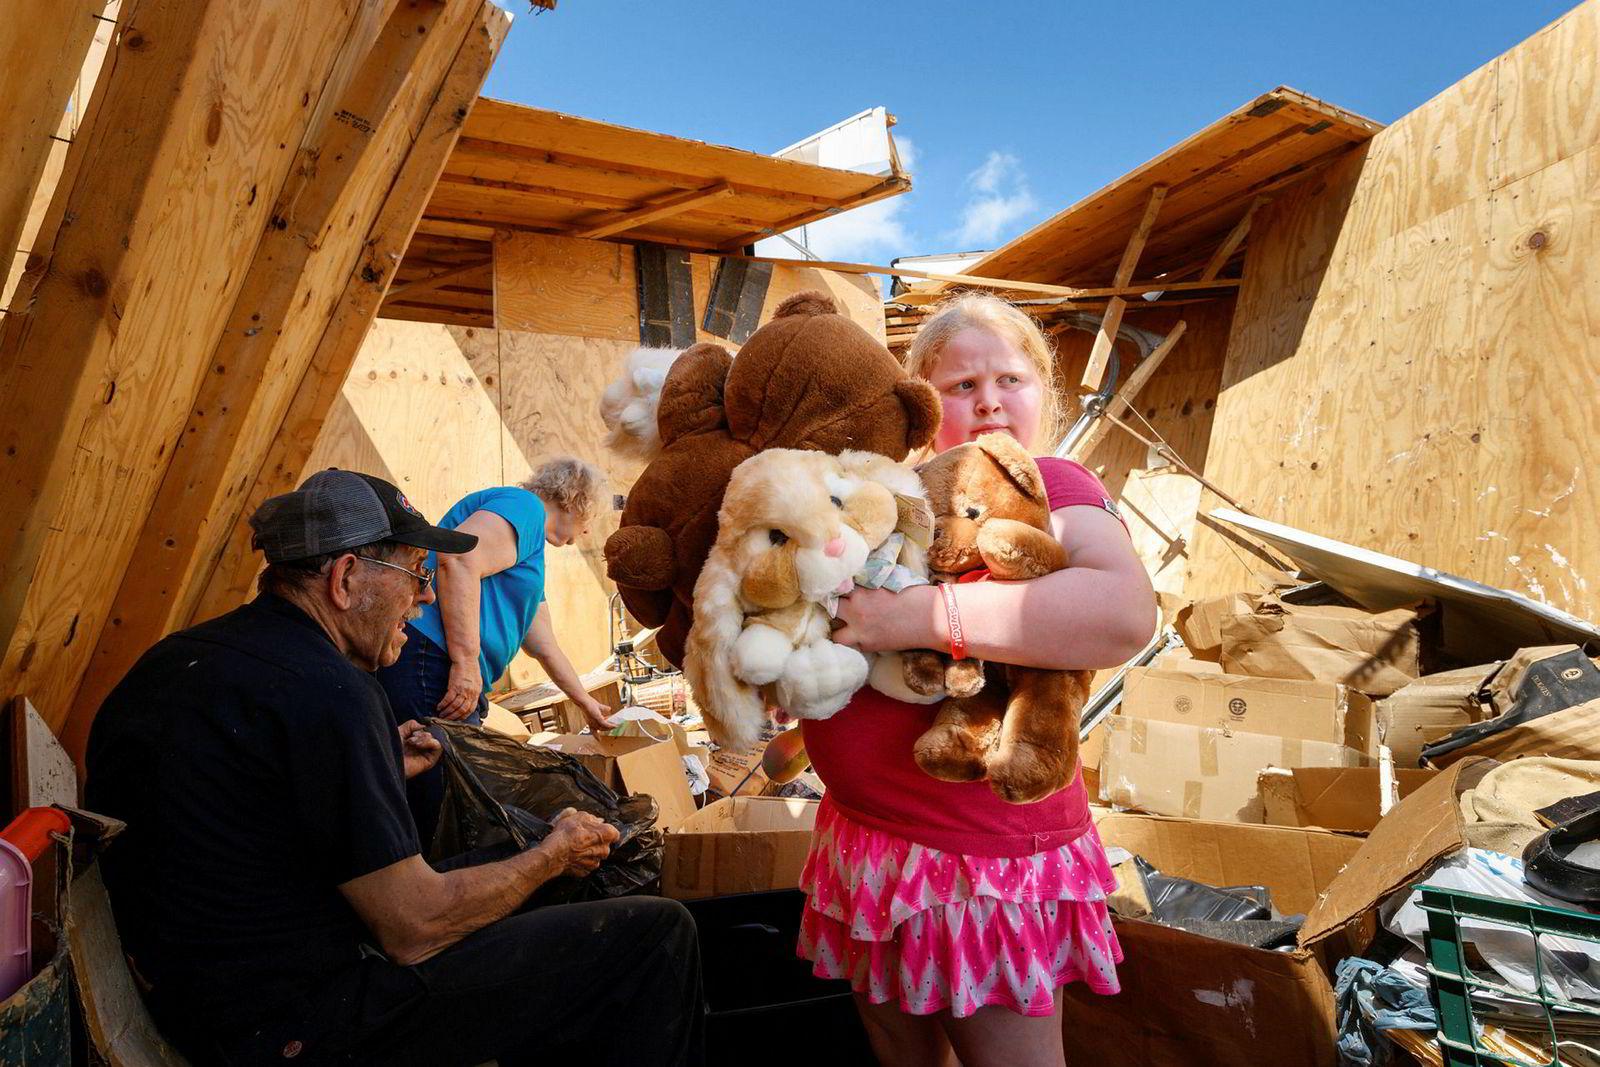 Ni år gamle Keeley Frank holder opp noen av kosedyrene som hun og besteforeldre Al og Barb Scheidegger berget etter at en tornado raserte huset deres og store områder i Missouri, USA, 23 mai.